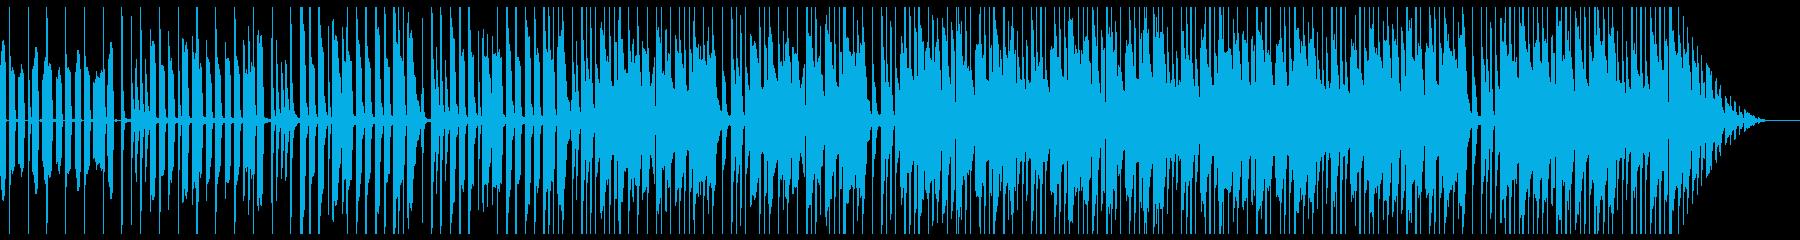 ほのぼのした雰囲気のPRGゲームシーンの再生済みの波形